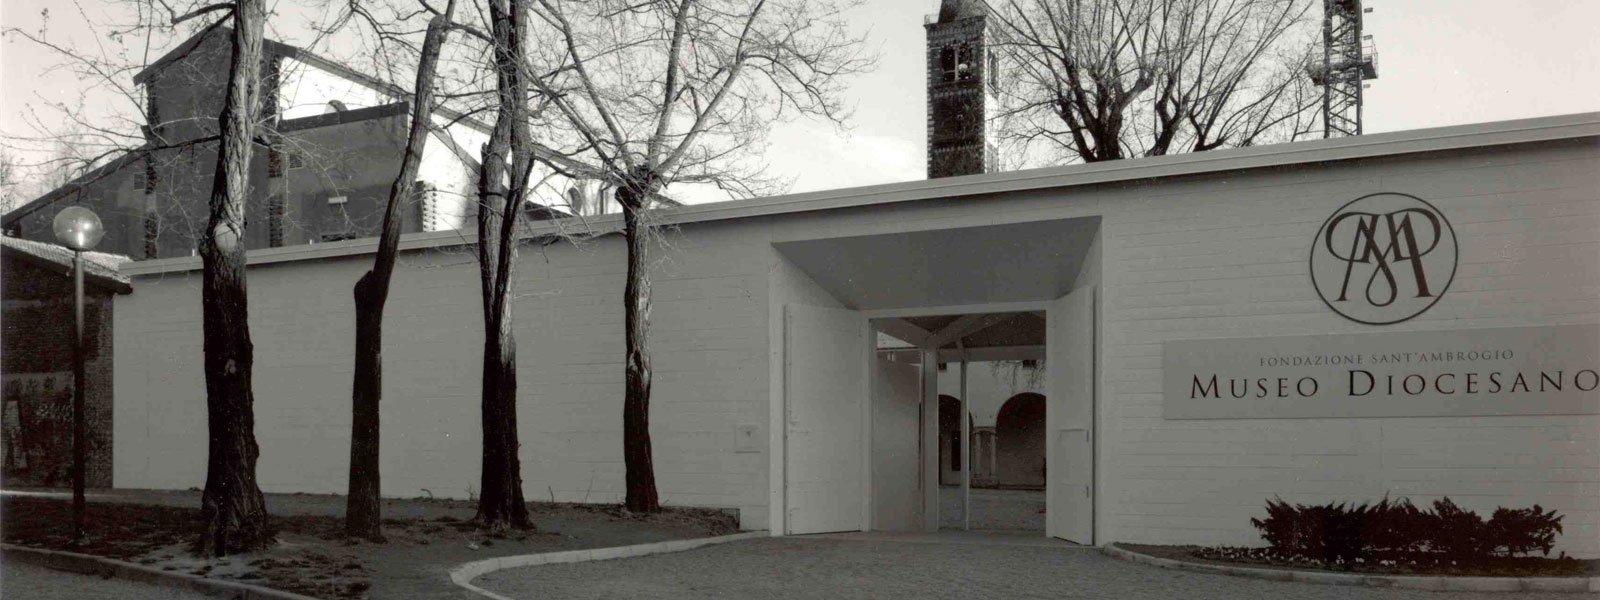 Museo diocesano terremoto